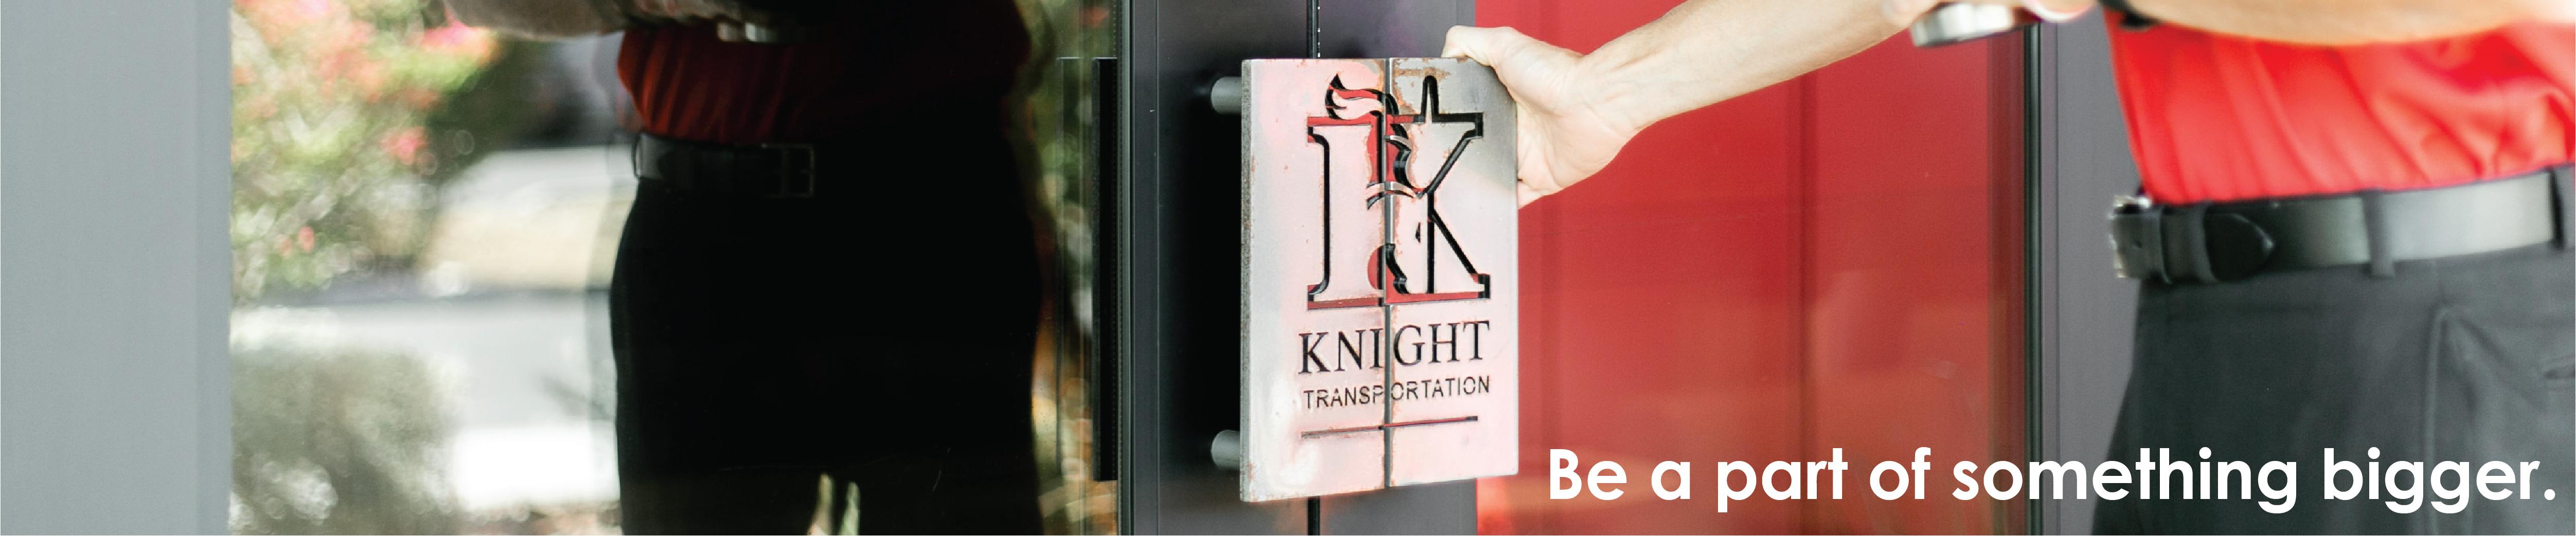 Company Branding Banner Knight Transportation